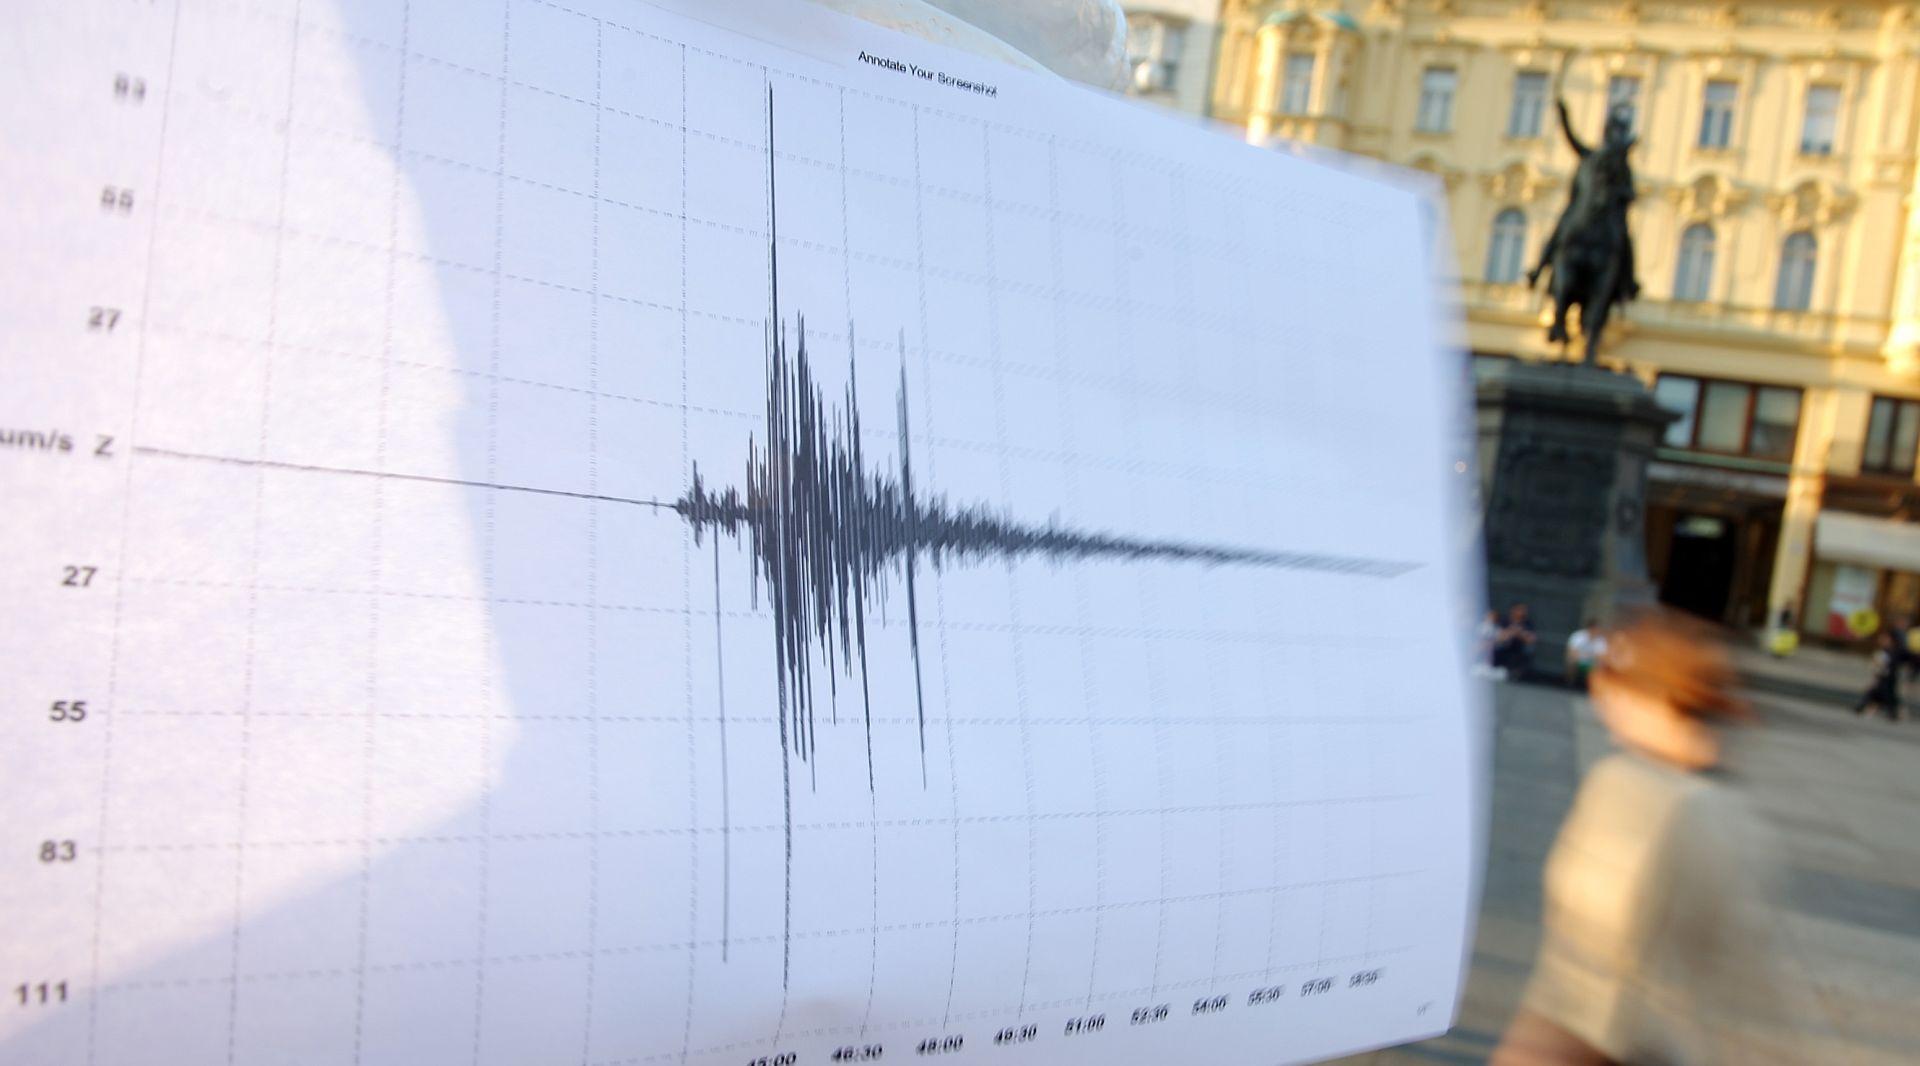 Jak potres s epicentrom 15-ak km od Karlovca